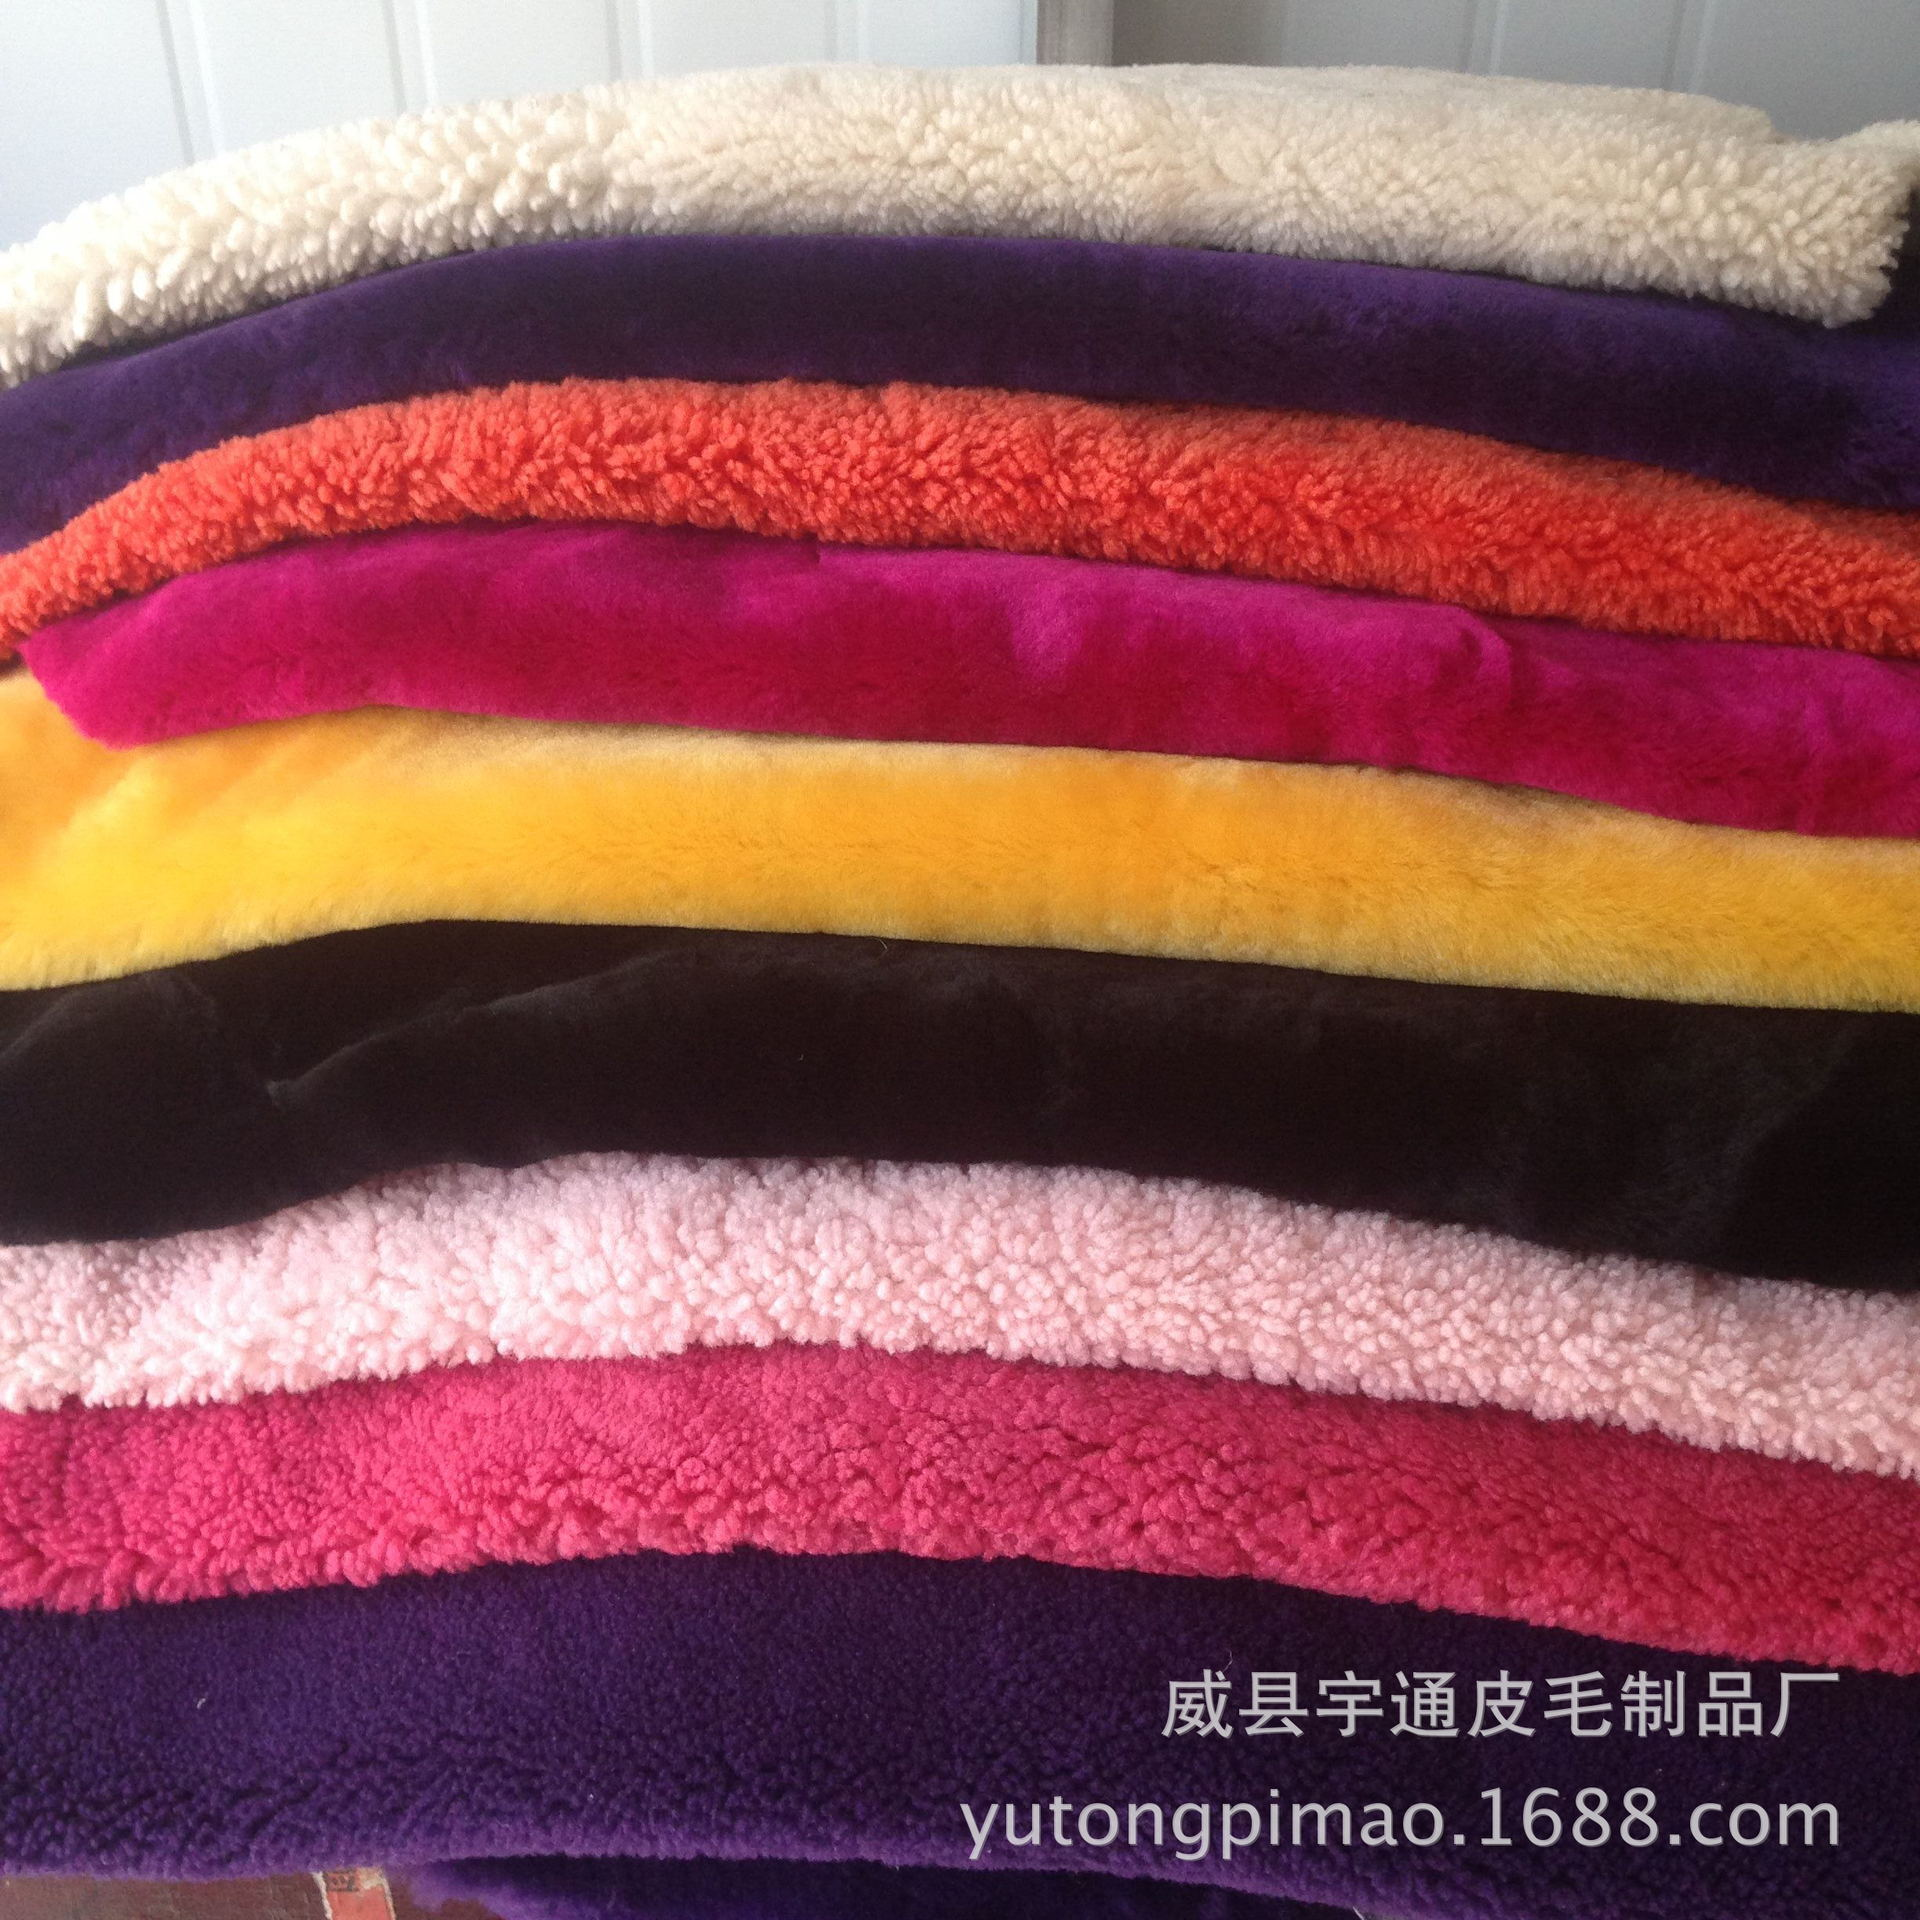 厂家直销澳洲进口羊皮卷花染色皮草服装羊剪绒皮领口袖口鞋口装饰